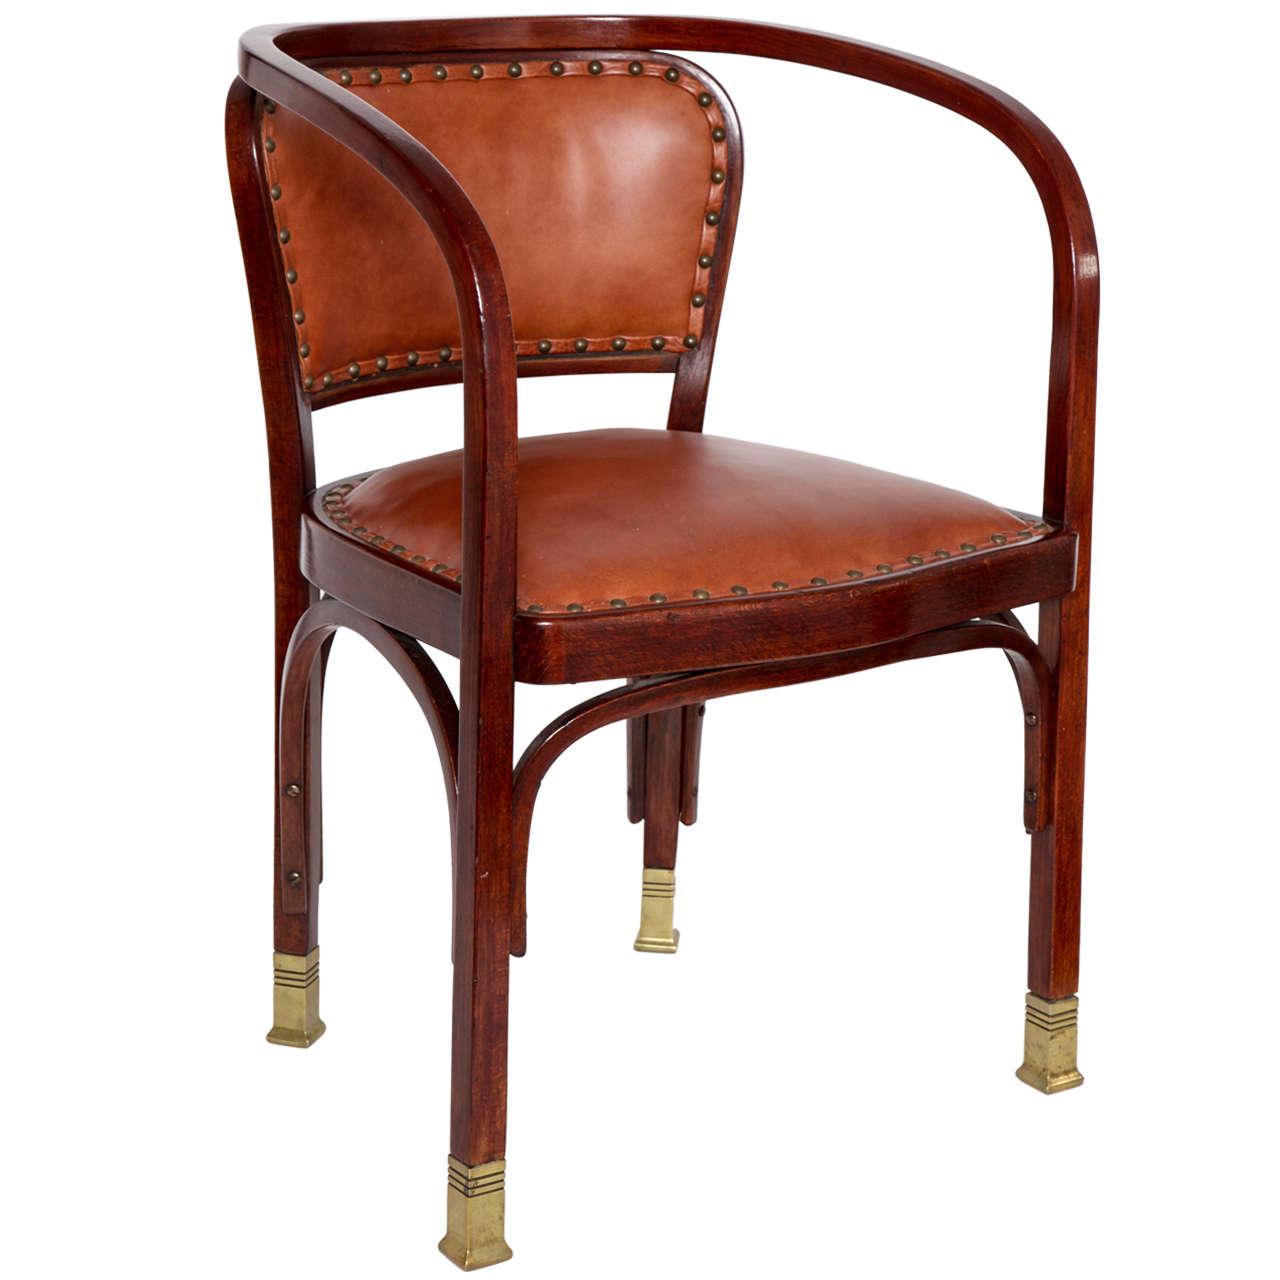 Vienna Secessionist Bentwood Chair Designed by Gustav Siegel 1